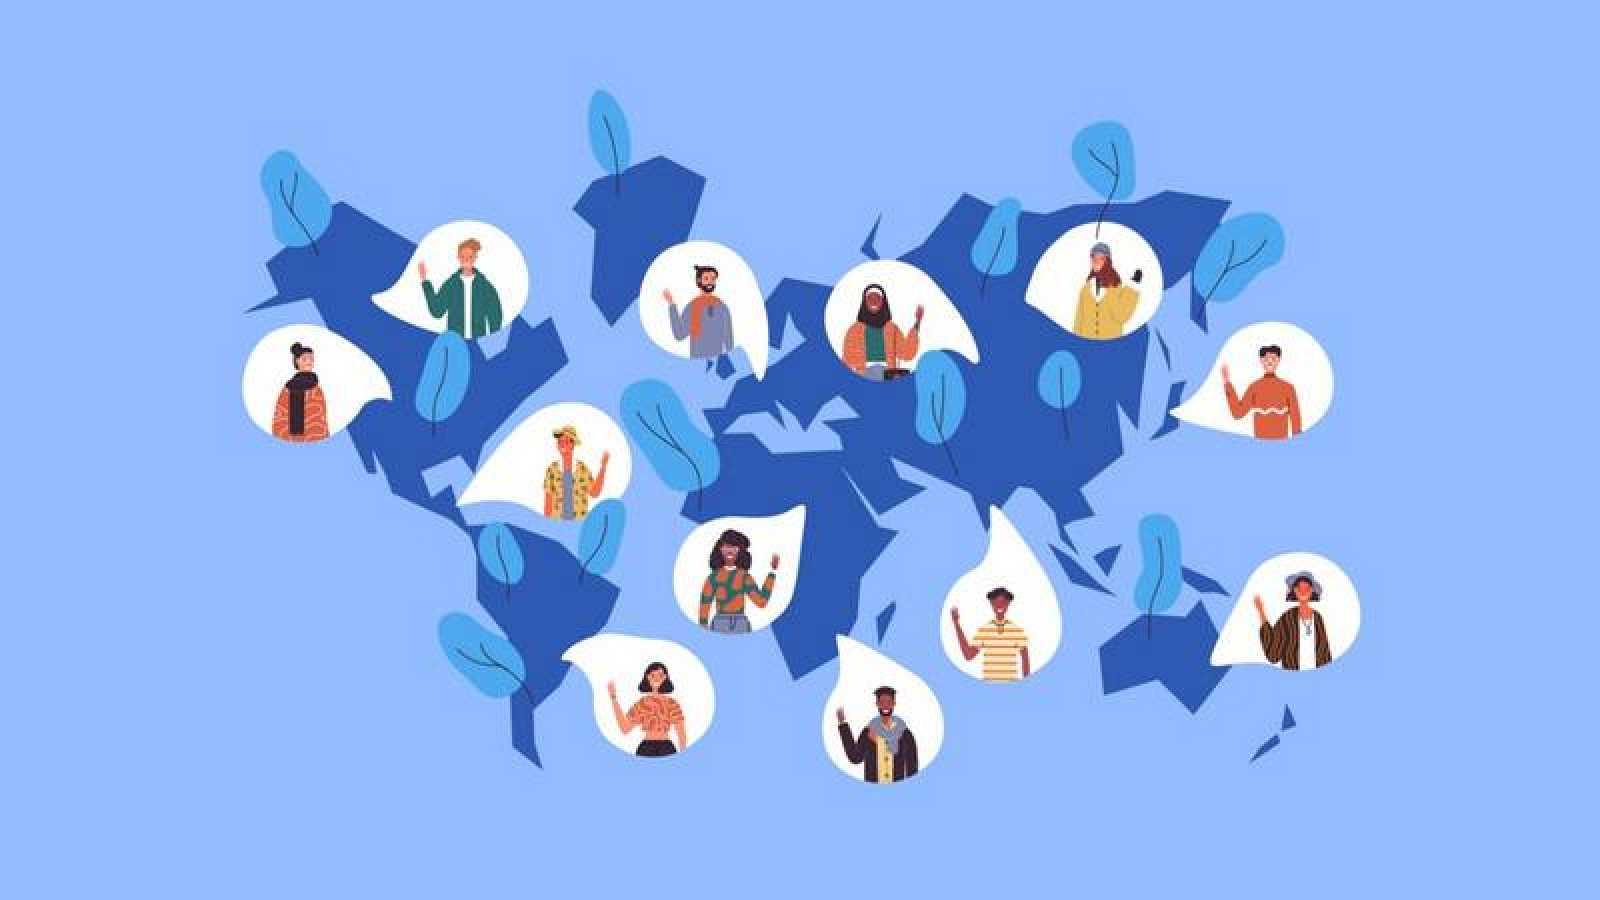 Día Mundial de la Diversidad Cultural para el Diálogo y el Desarrollo 2021 de la UER